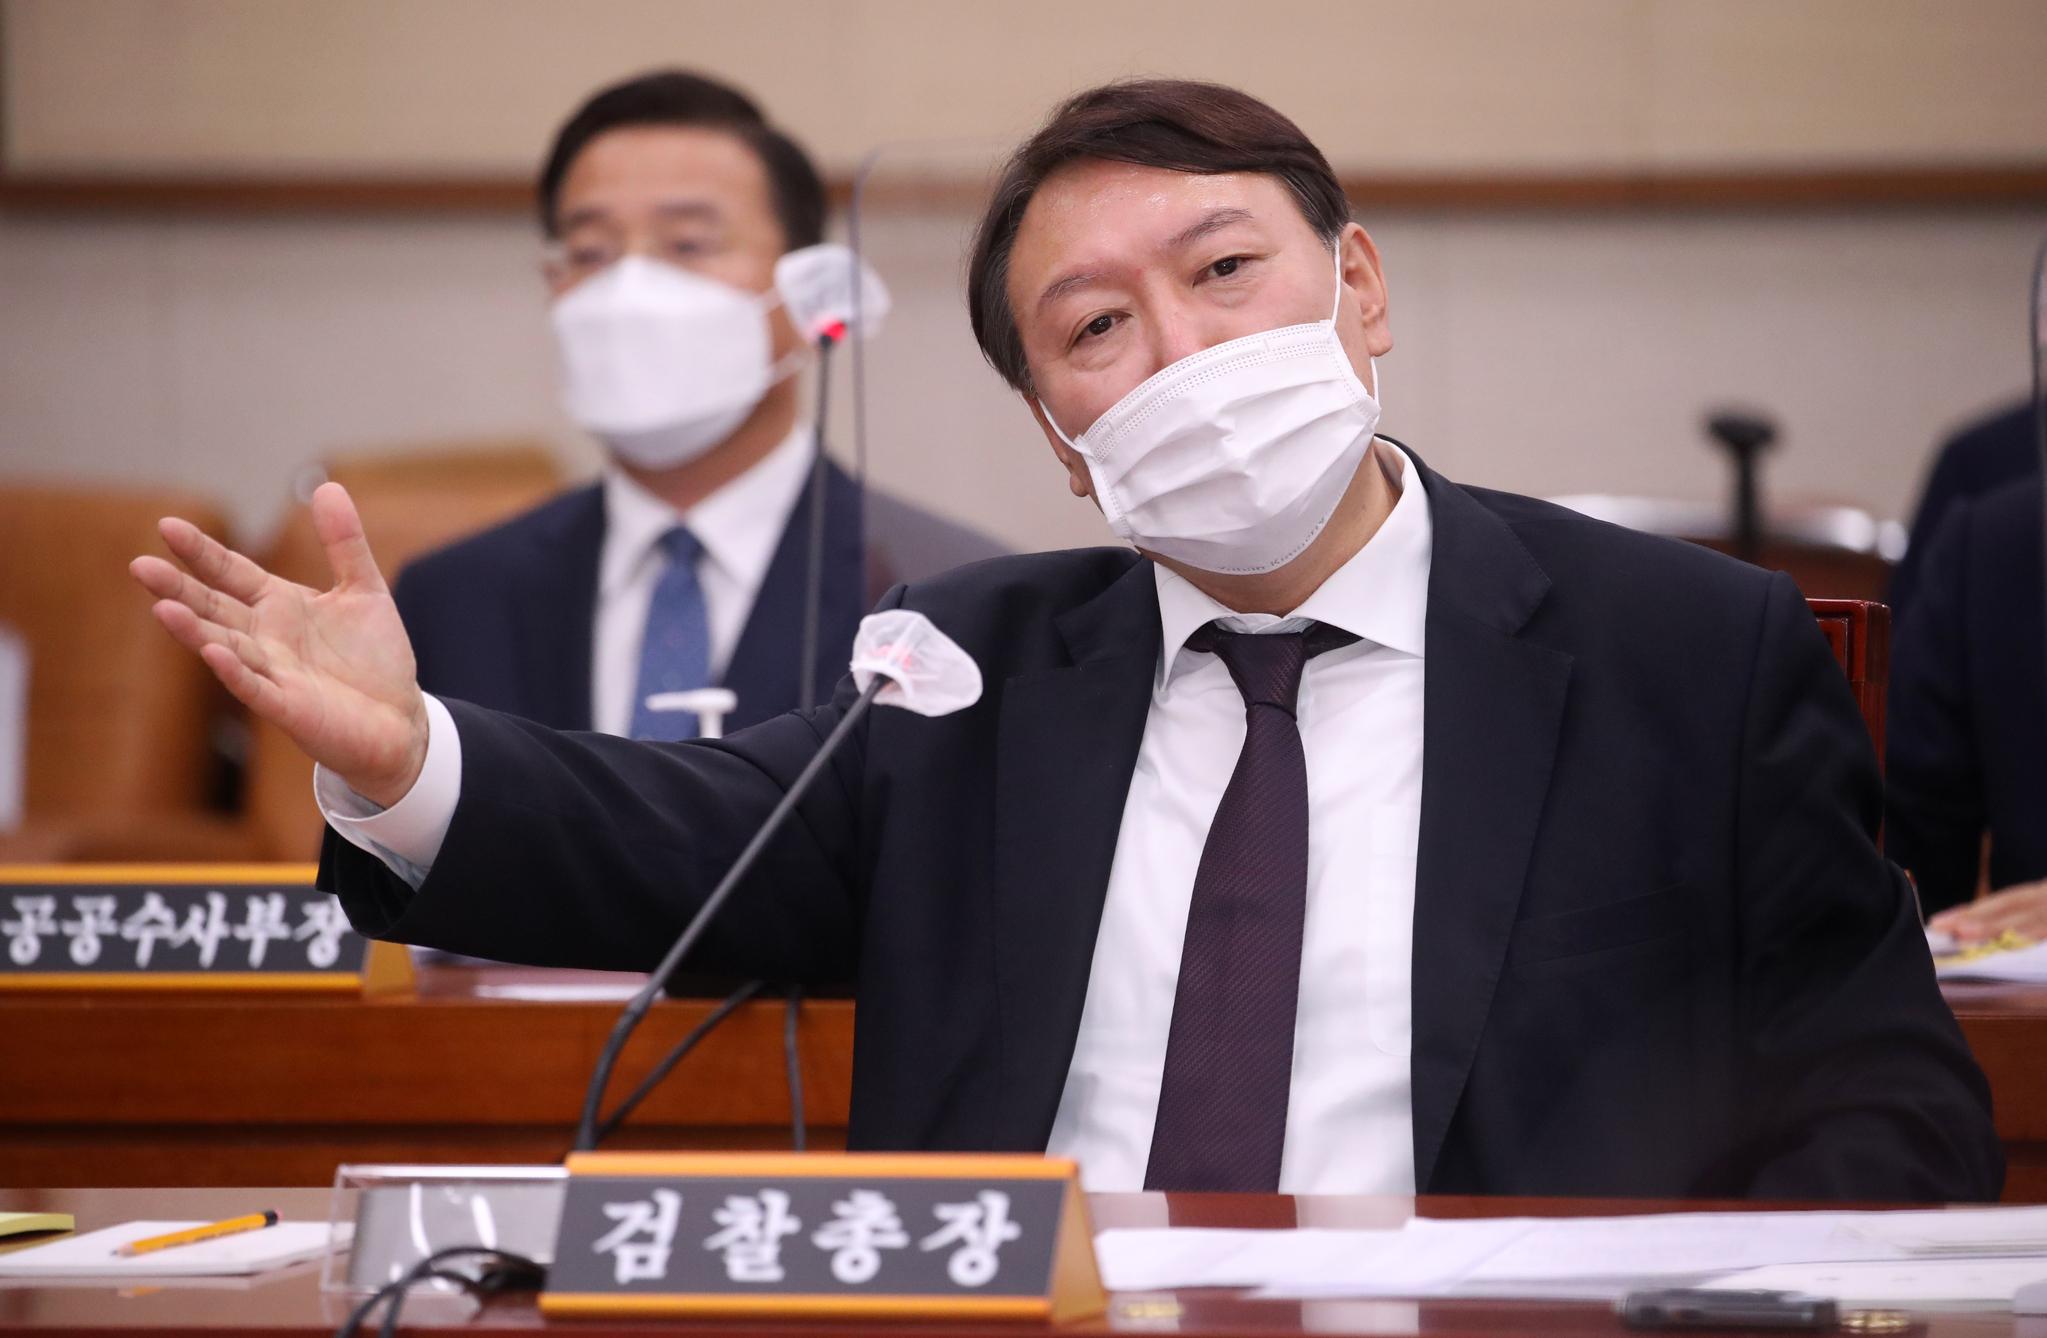 윤석열 검찰총장이 22일 서울 여의도 국회에서 열린 법제사법위원회의 대검찰청에 대한 국정감사에서 의원 질의에 답변하고 있다. 오종택 기자